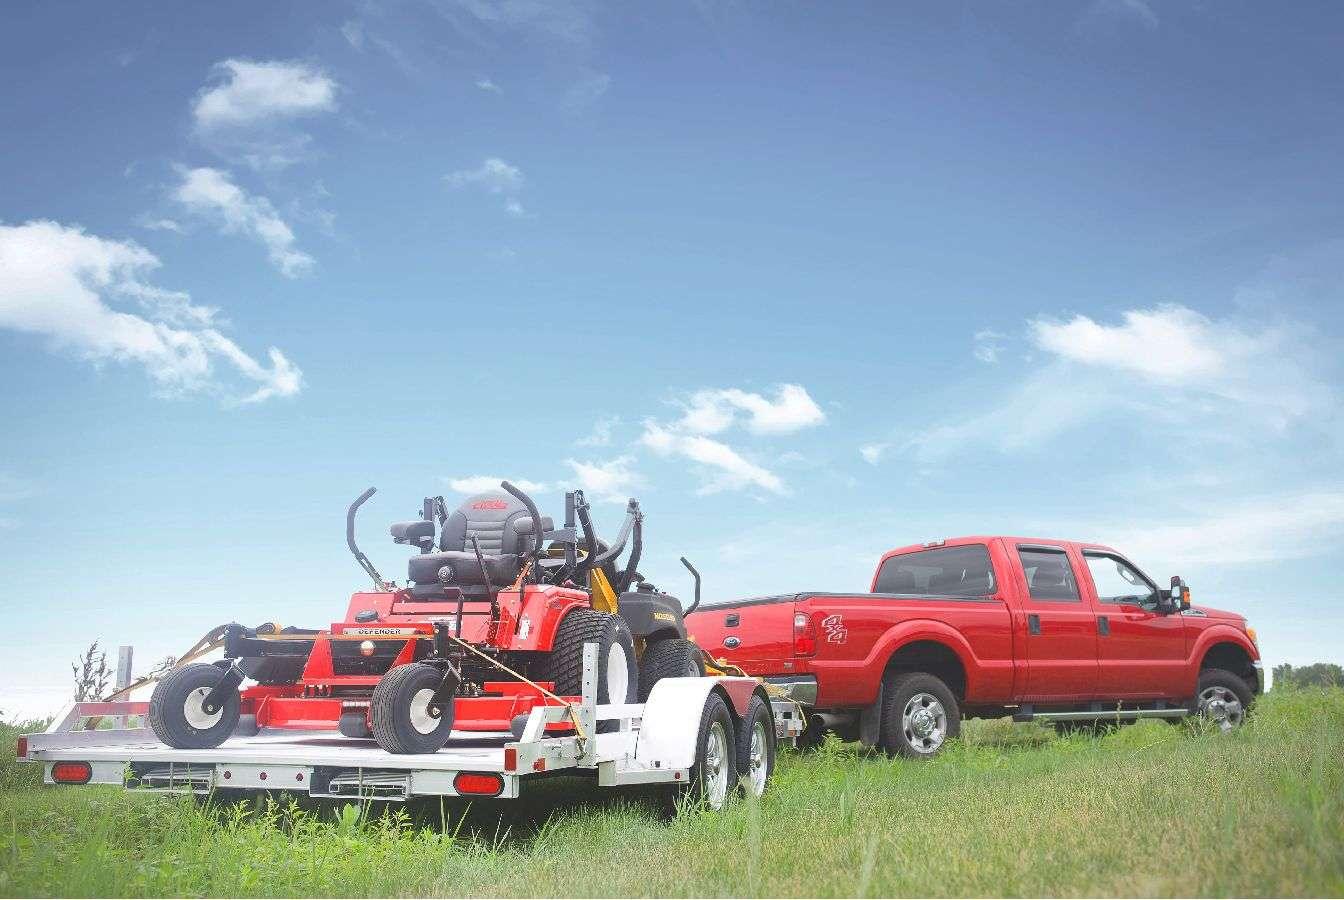 Aluma Single Axle Utility Trailers